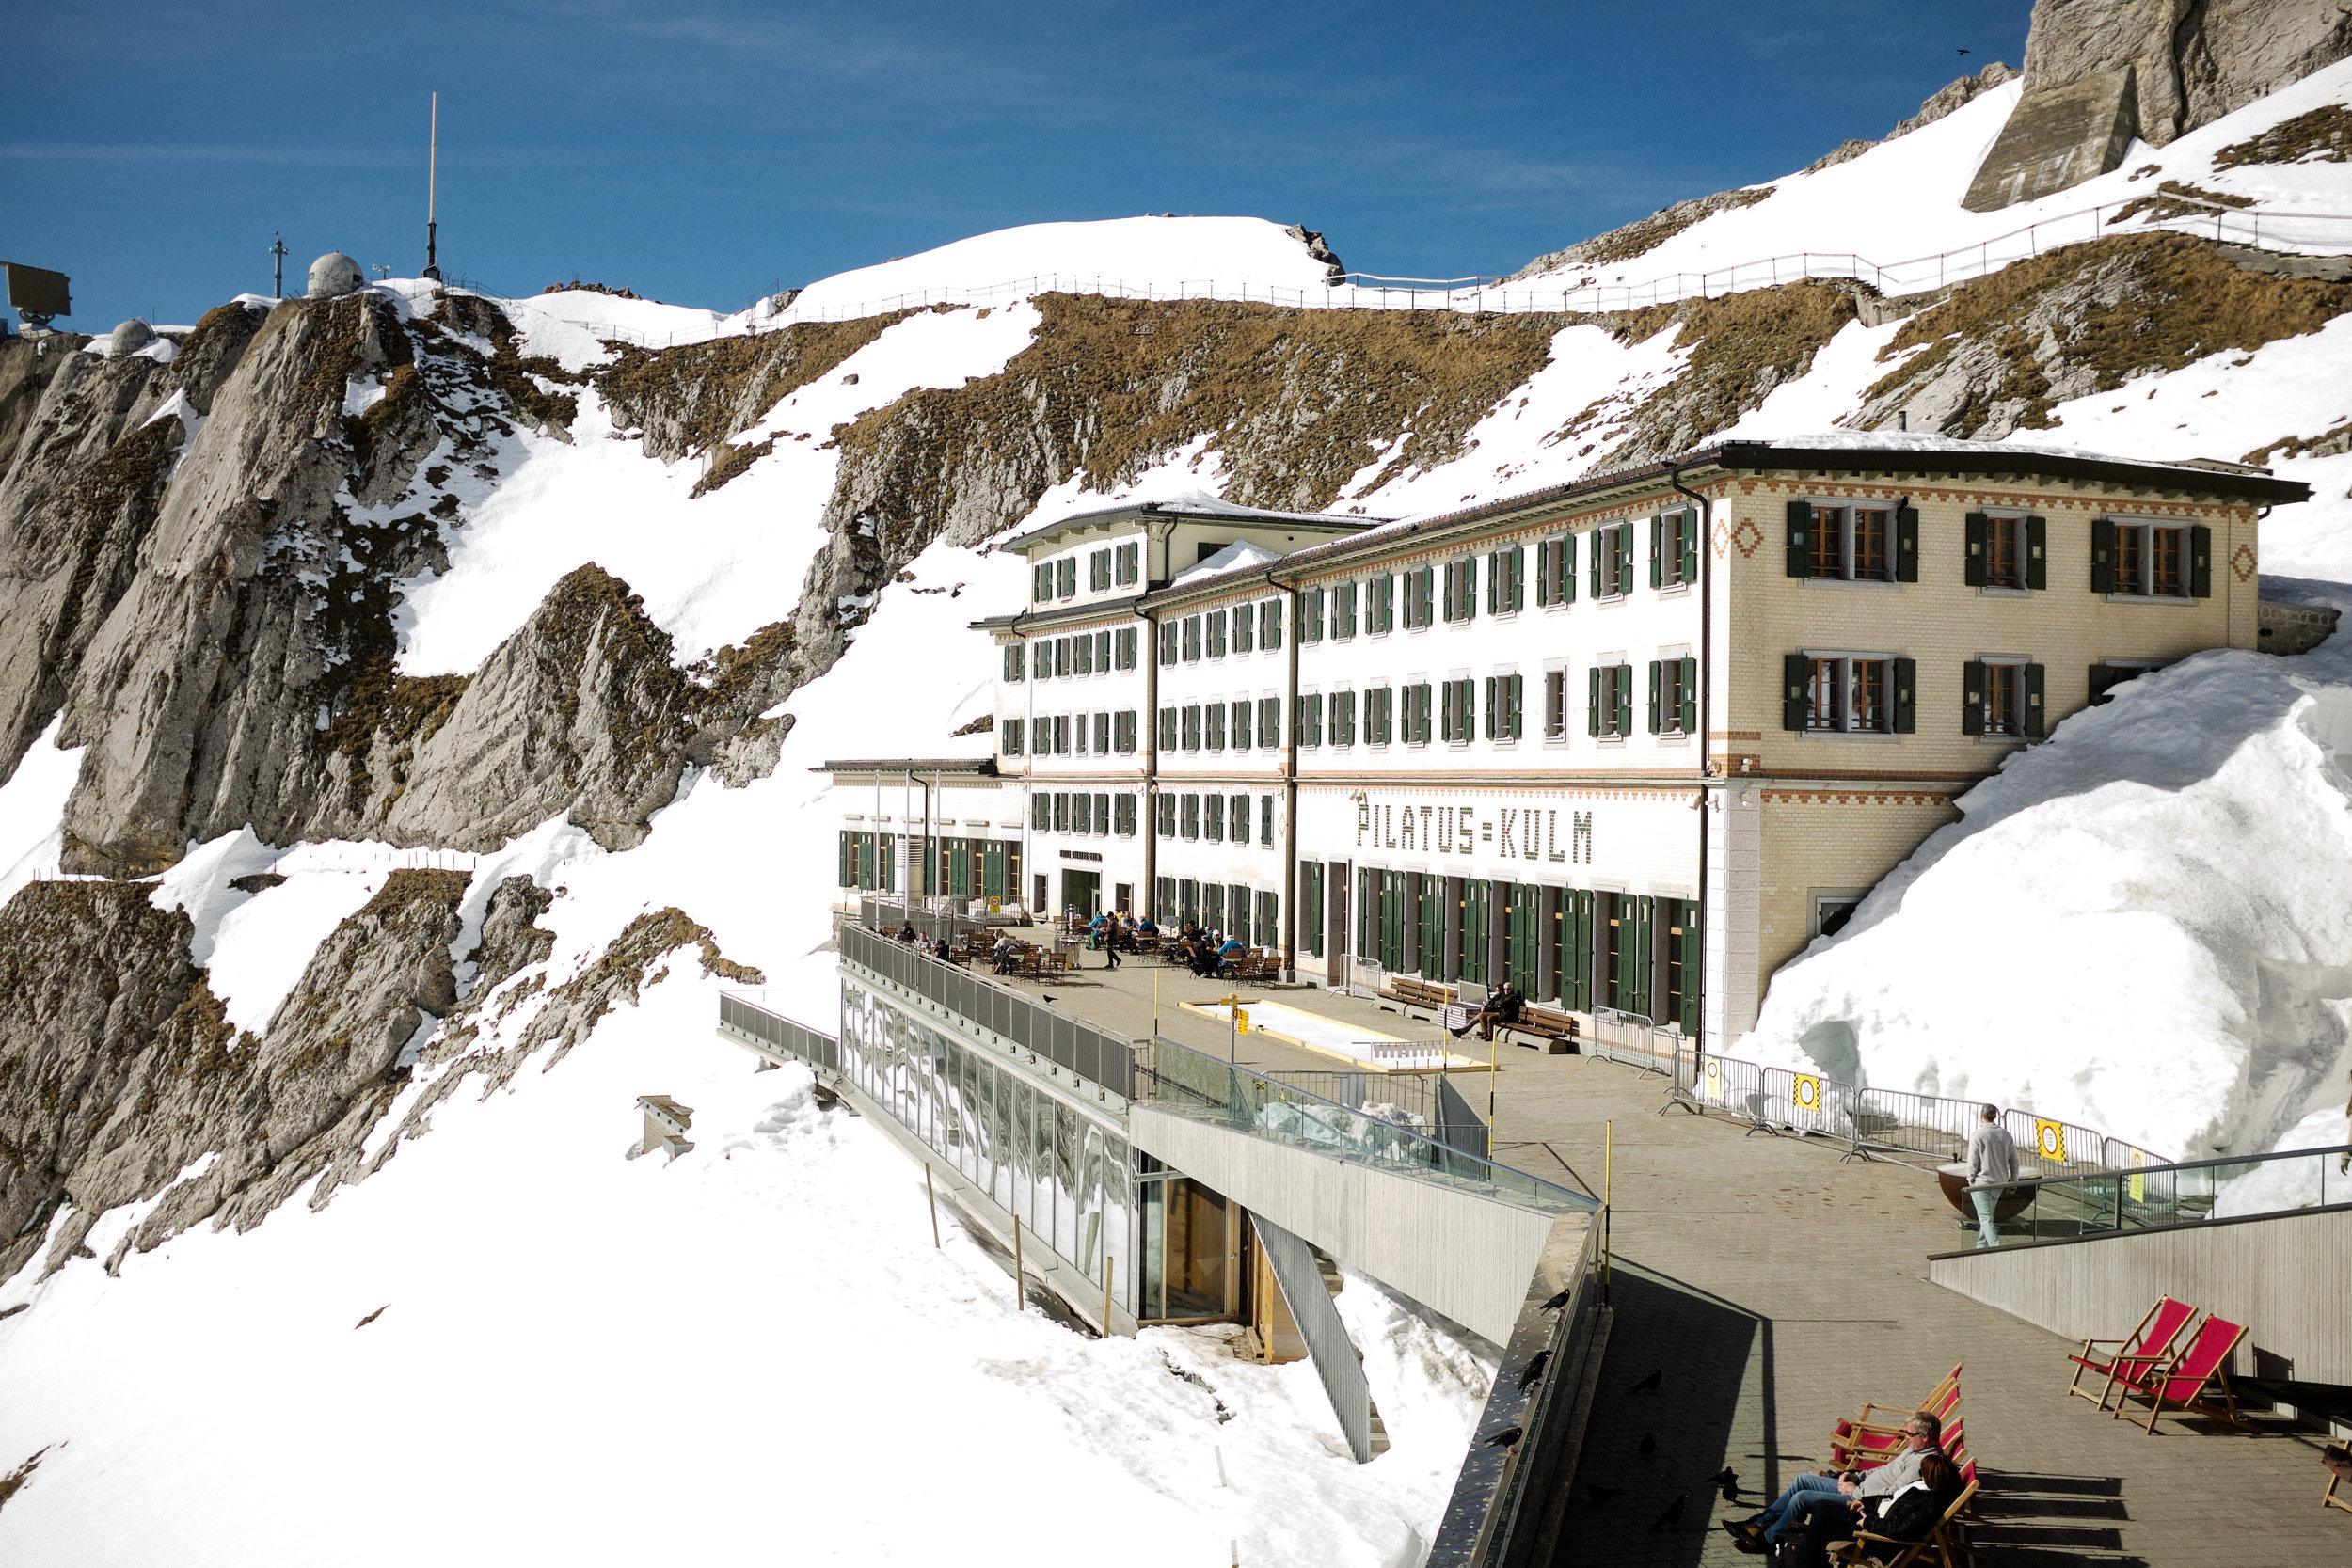 Mt. Pilatus Hotel | Kaci Nicole.jpg